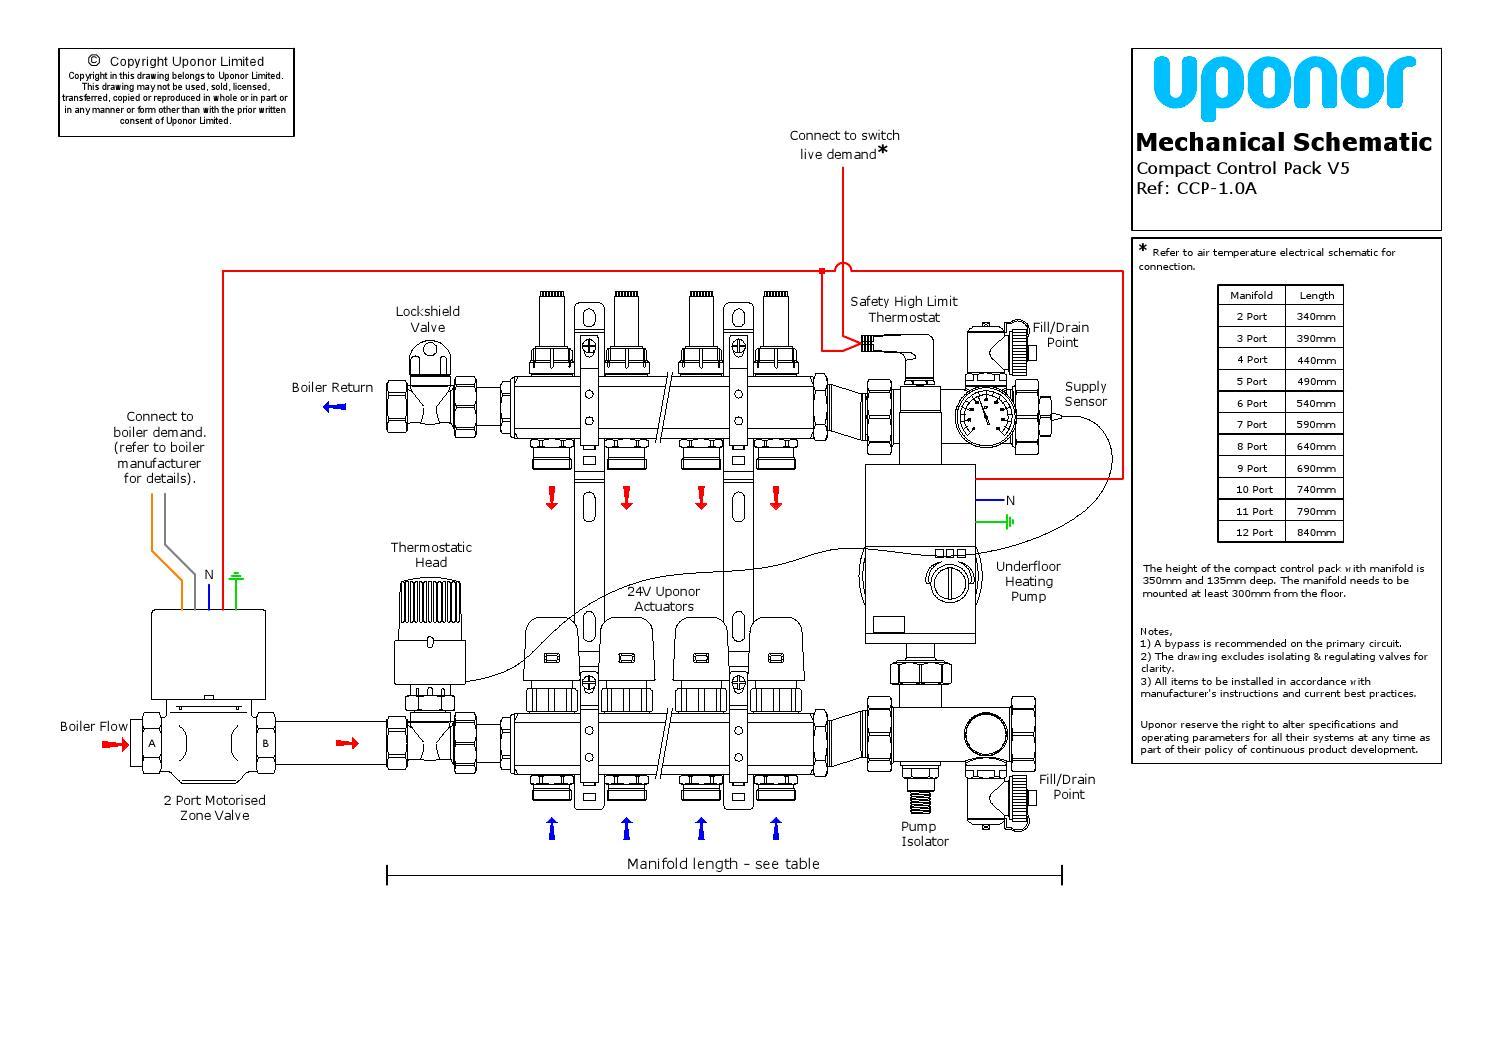 My Son 3 Port Valve Wiring Diagram